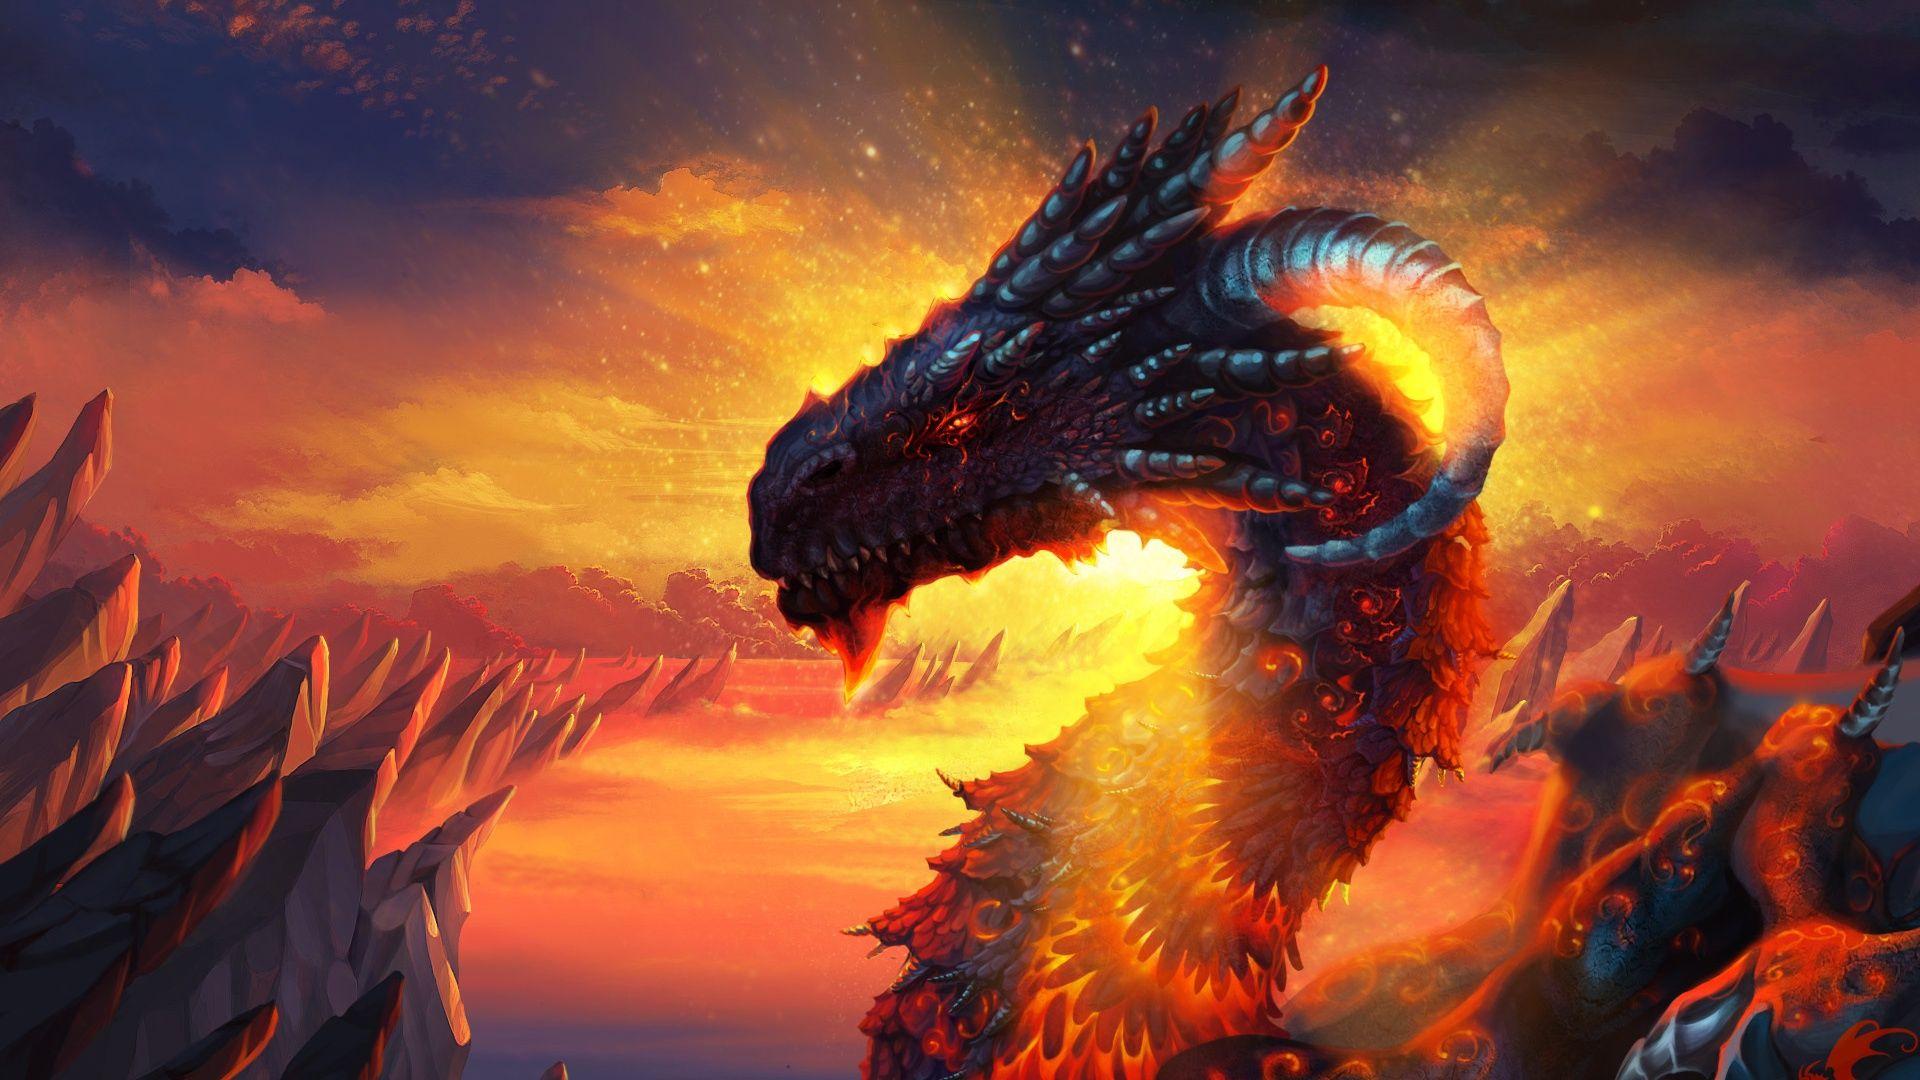 Hd Wallpaper 1920x1080 Dragon Lava Sky Fire 2 Fantasy